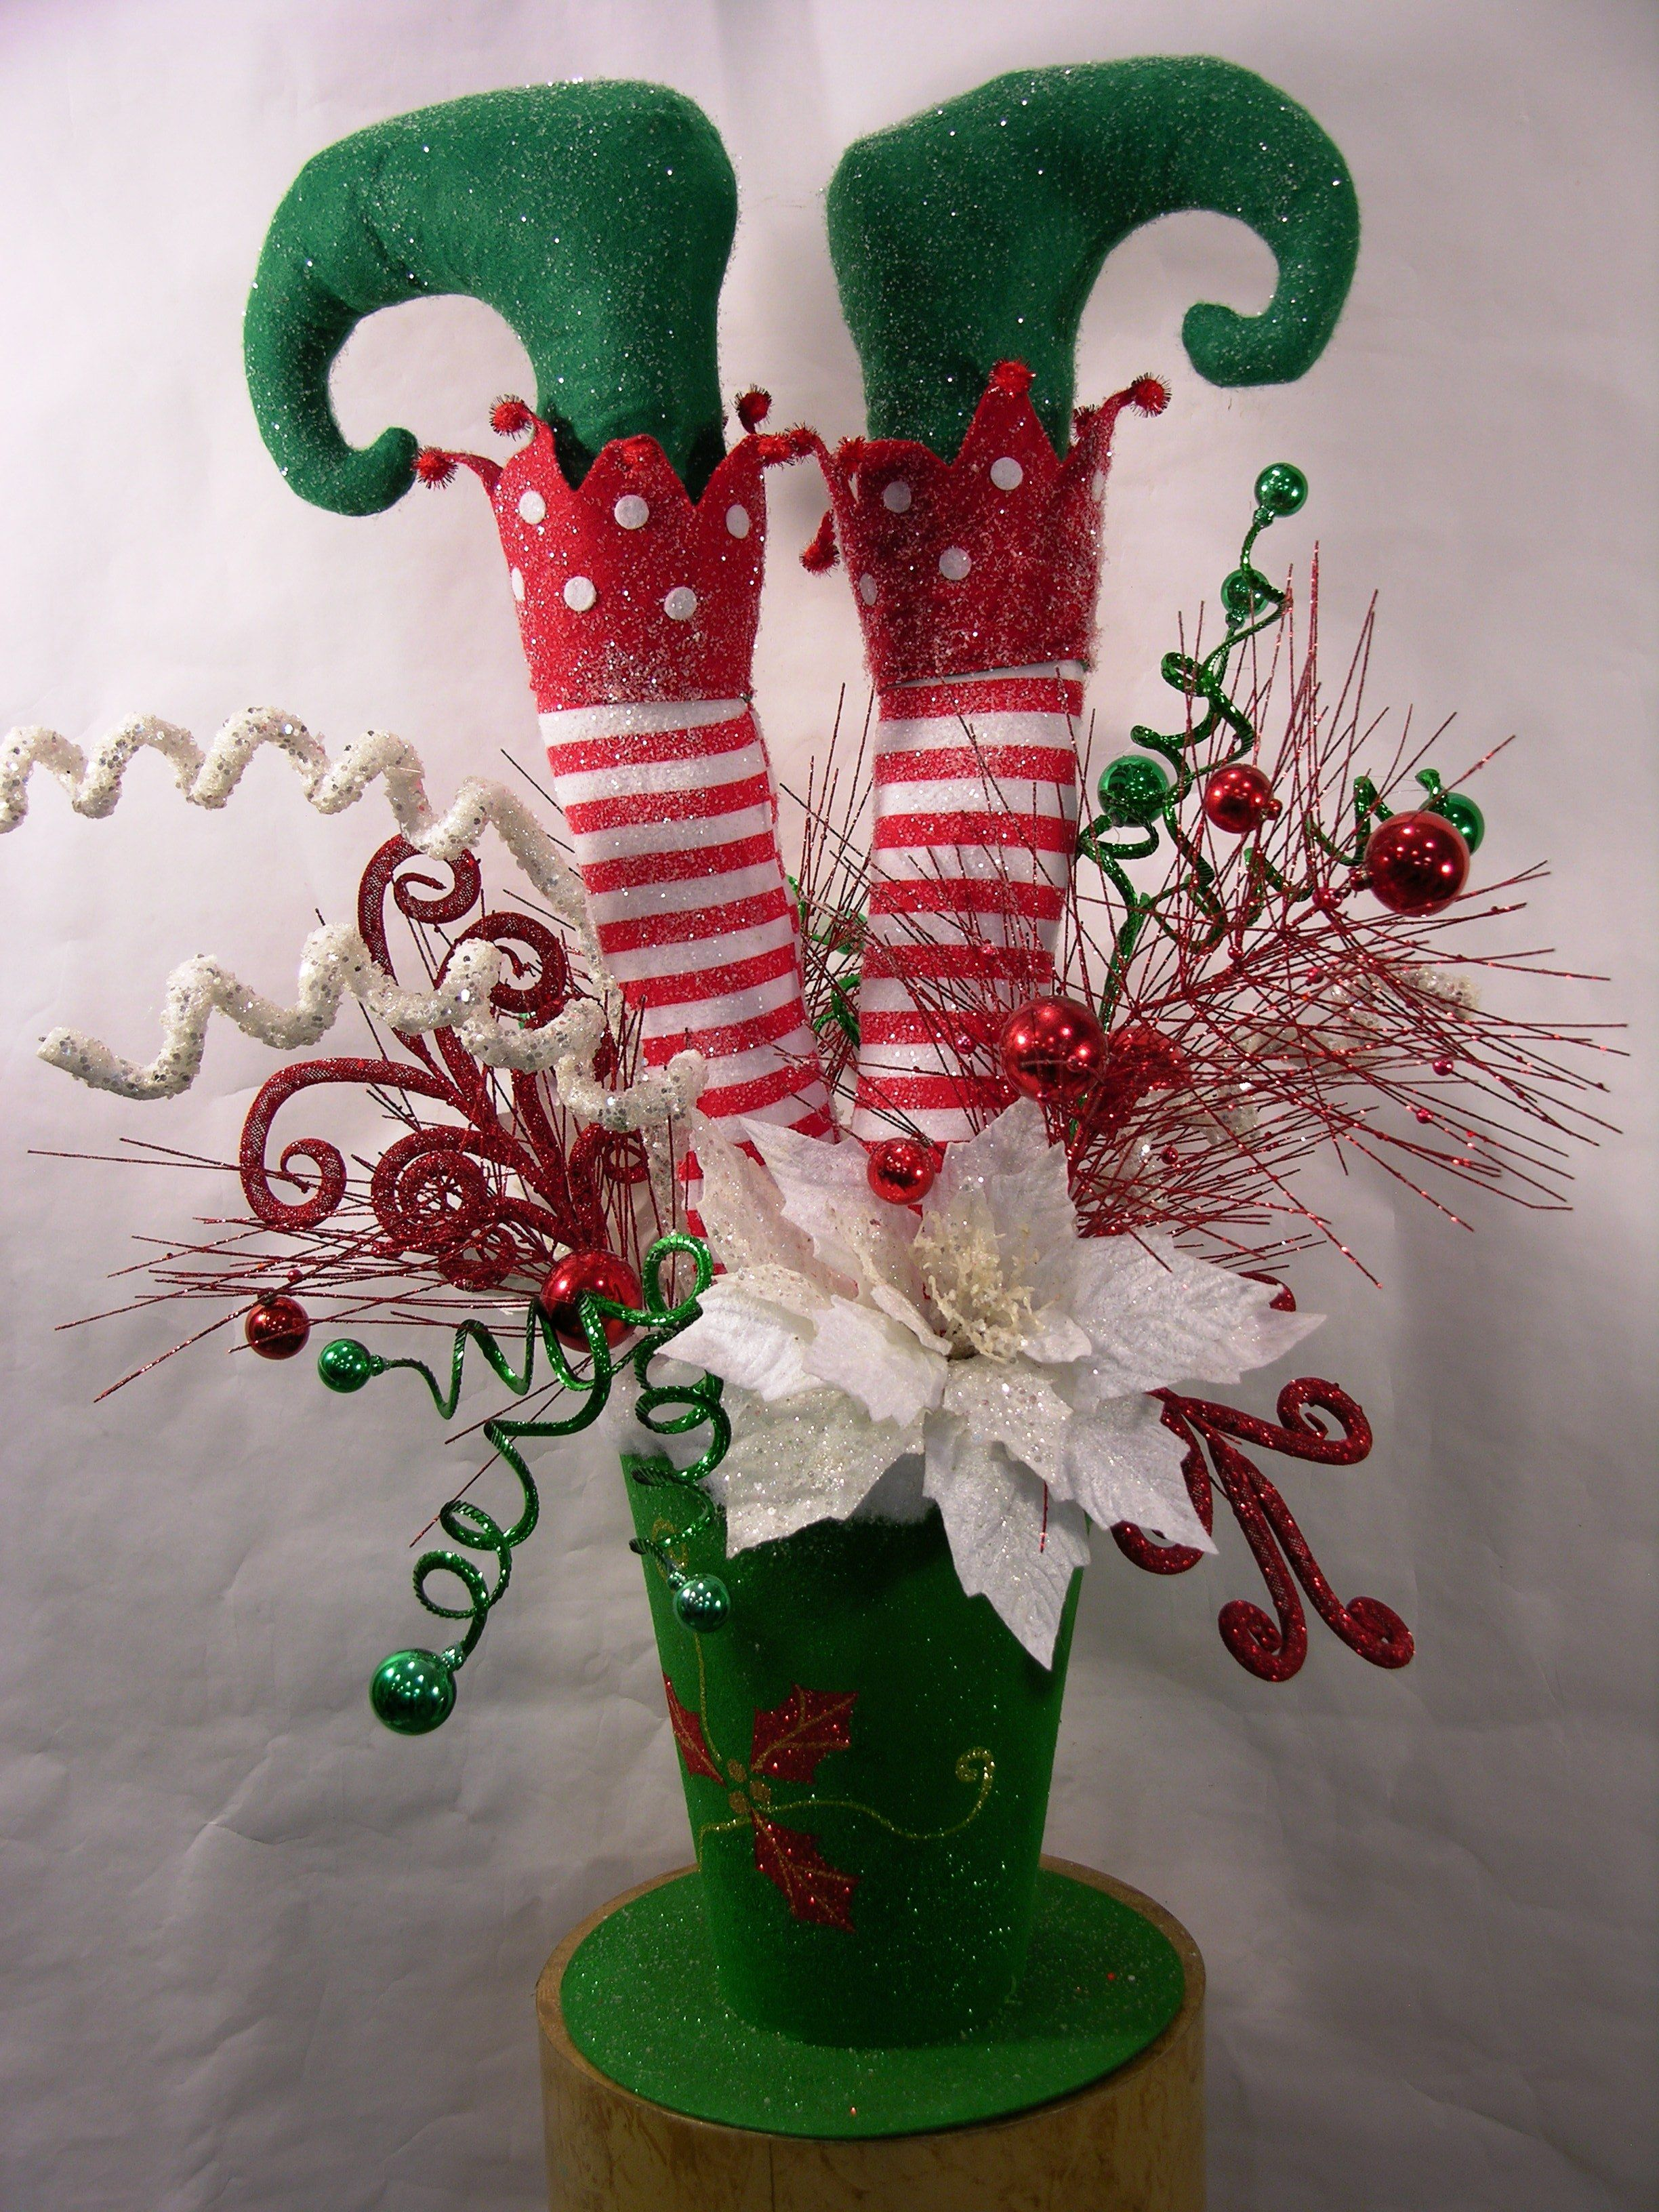 elf in hat christmas arrangement milanddil designs. Black Bedroom Furniture Sets. Home Design Ideas